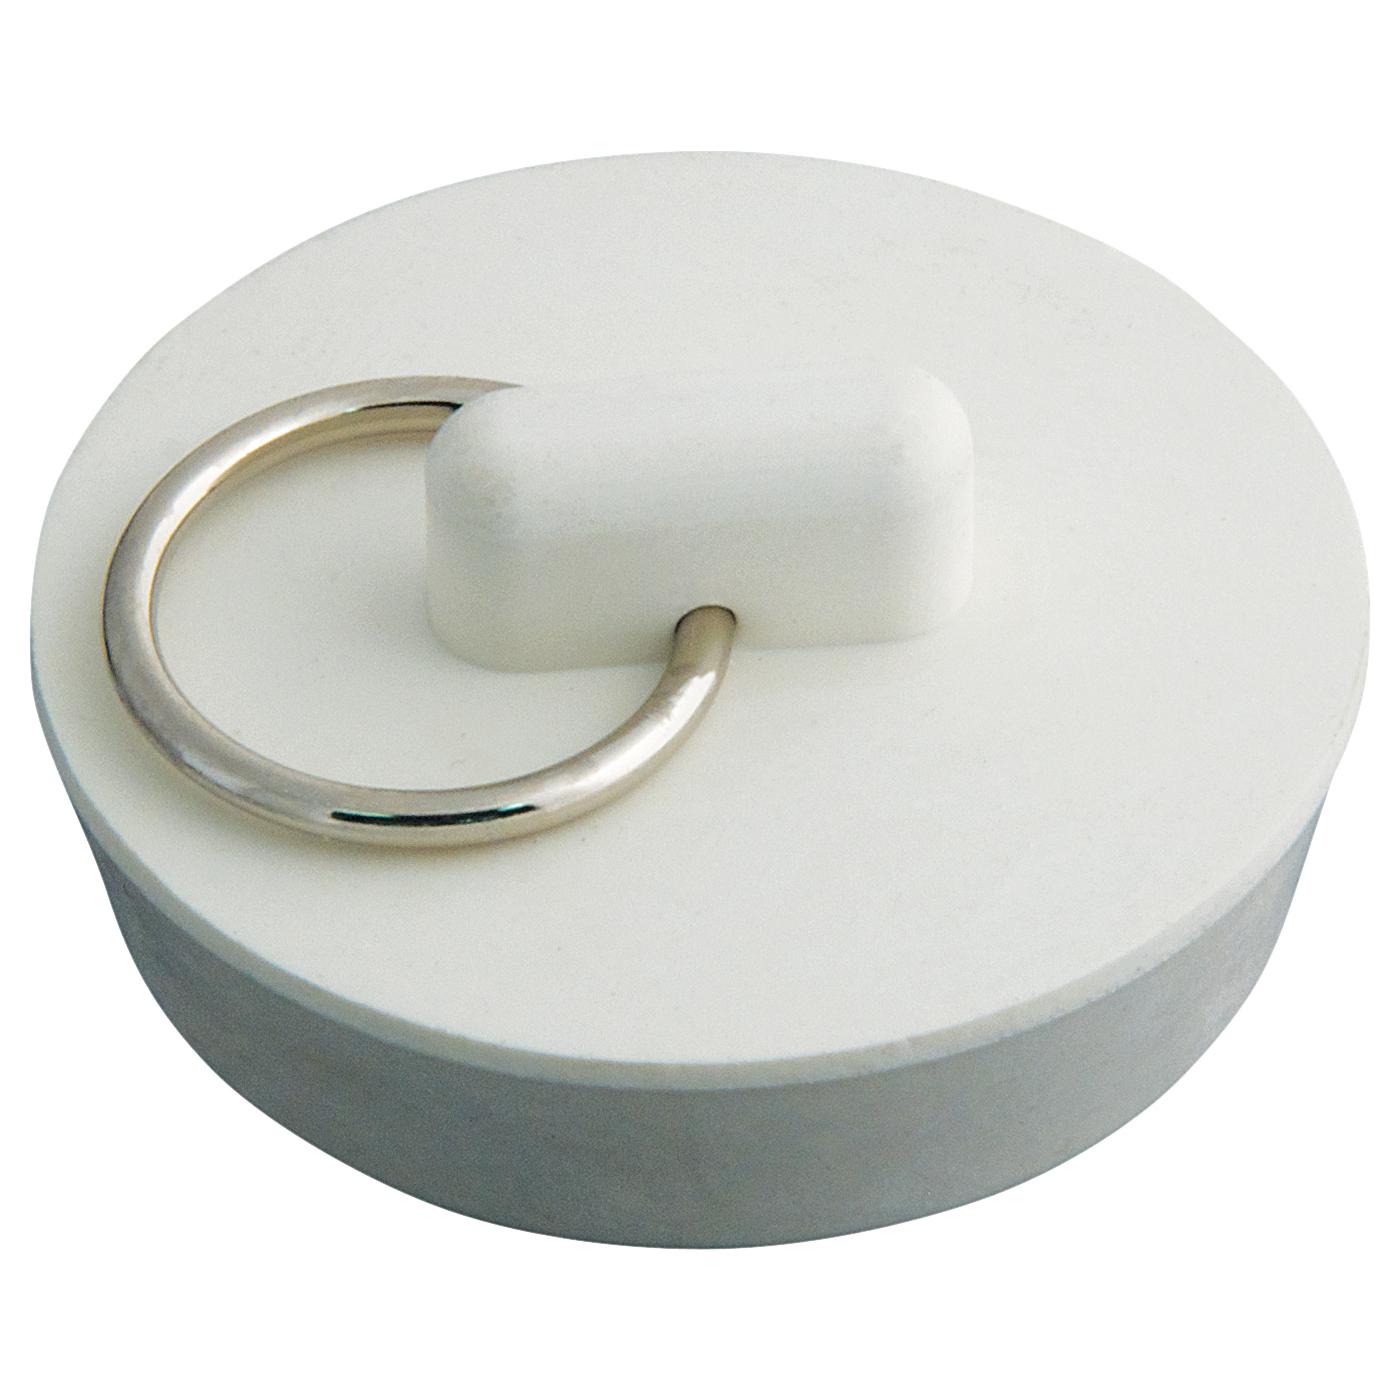 Drain Stopper Bathtub Master Plumber